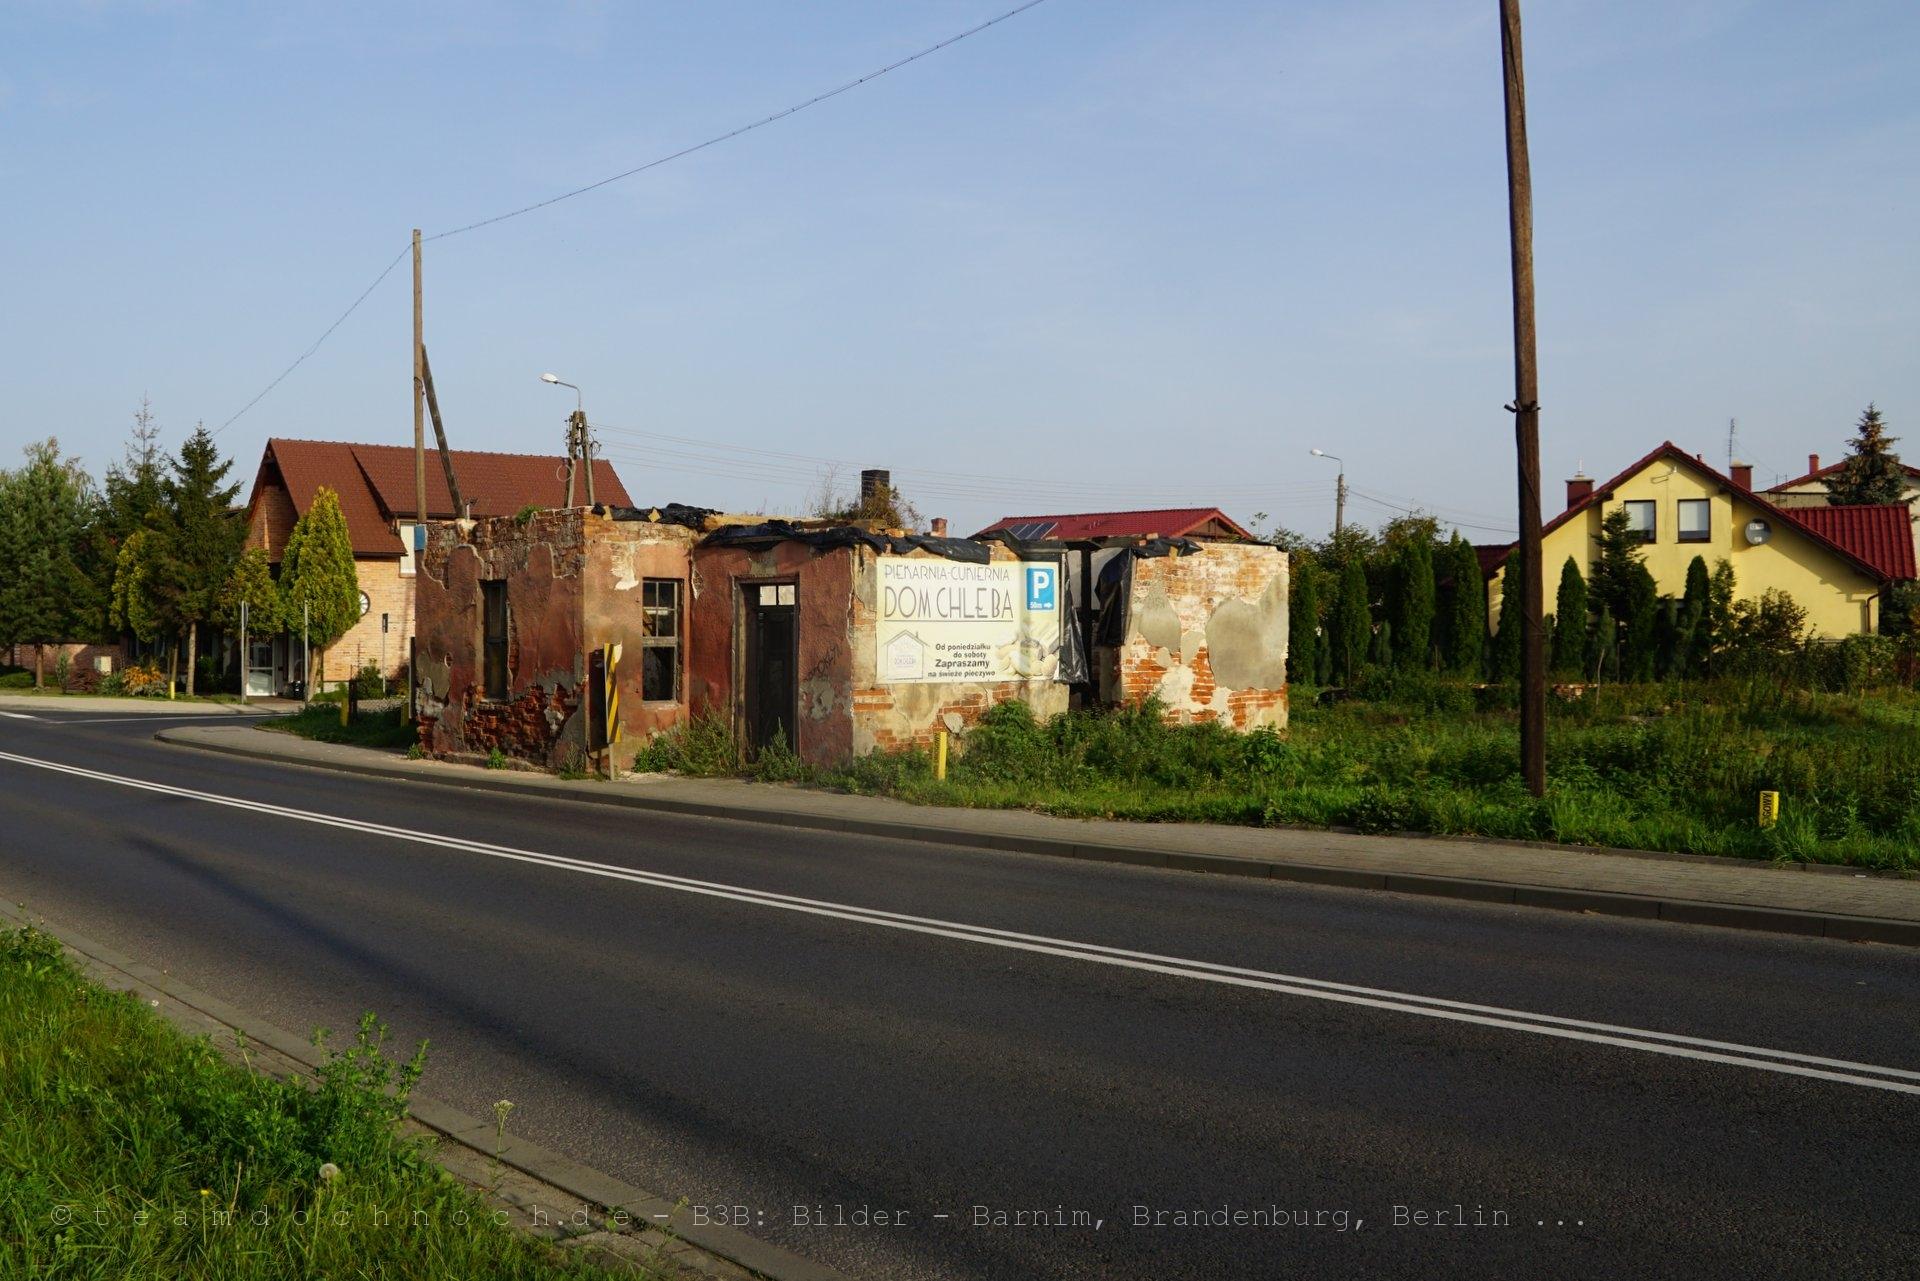 Reste eines Chausseehauses in Krosno Odrzańskie